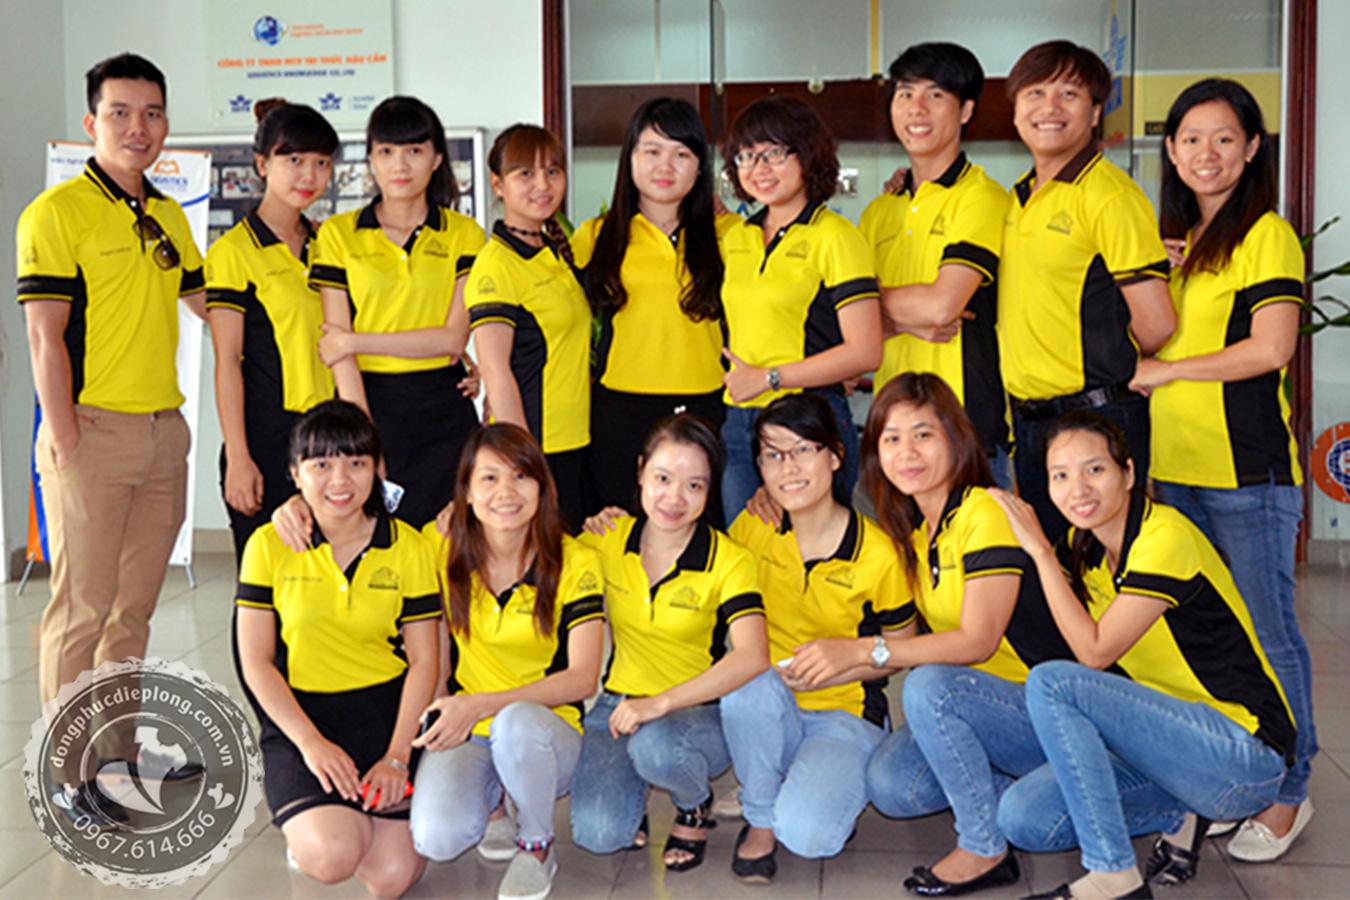 ao-thun-dong-phuc-cong-ty (17)